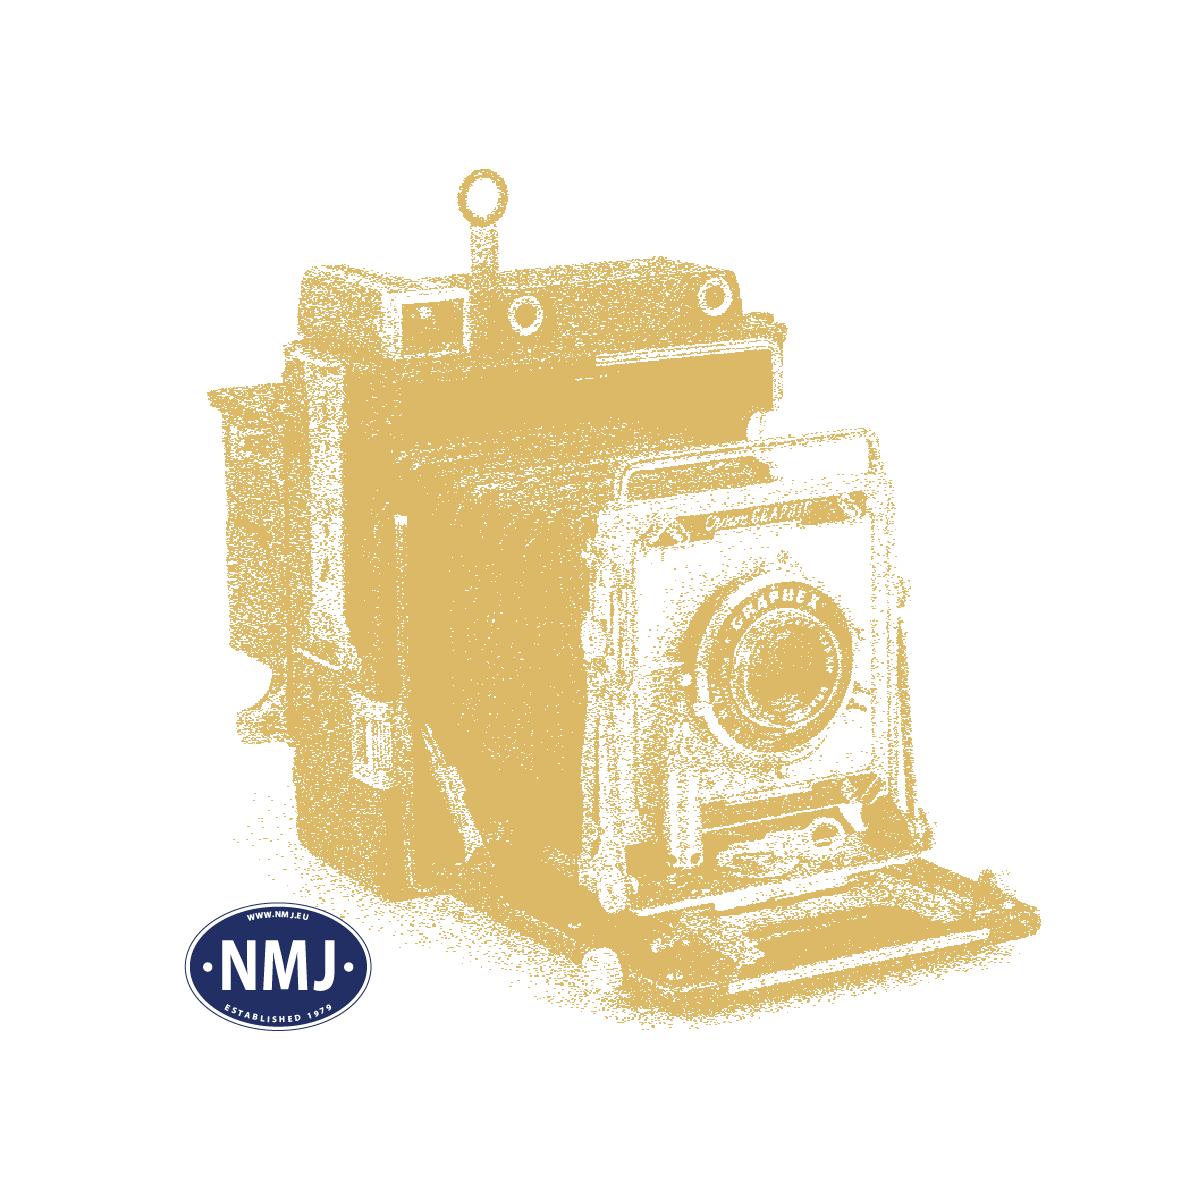 NMJT504.104 - NMJ Topline NSB G5 44007, type 1, Original Versjon